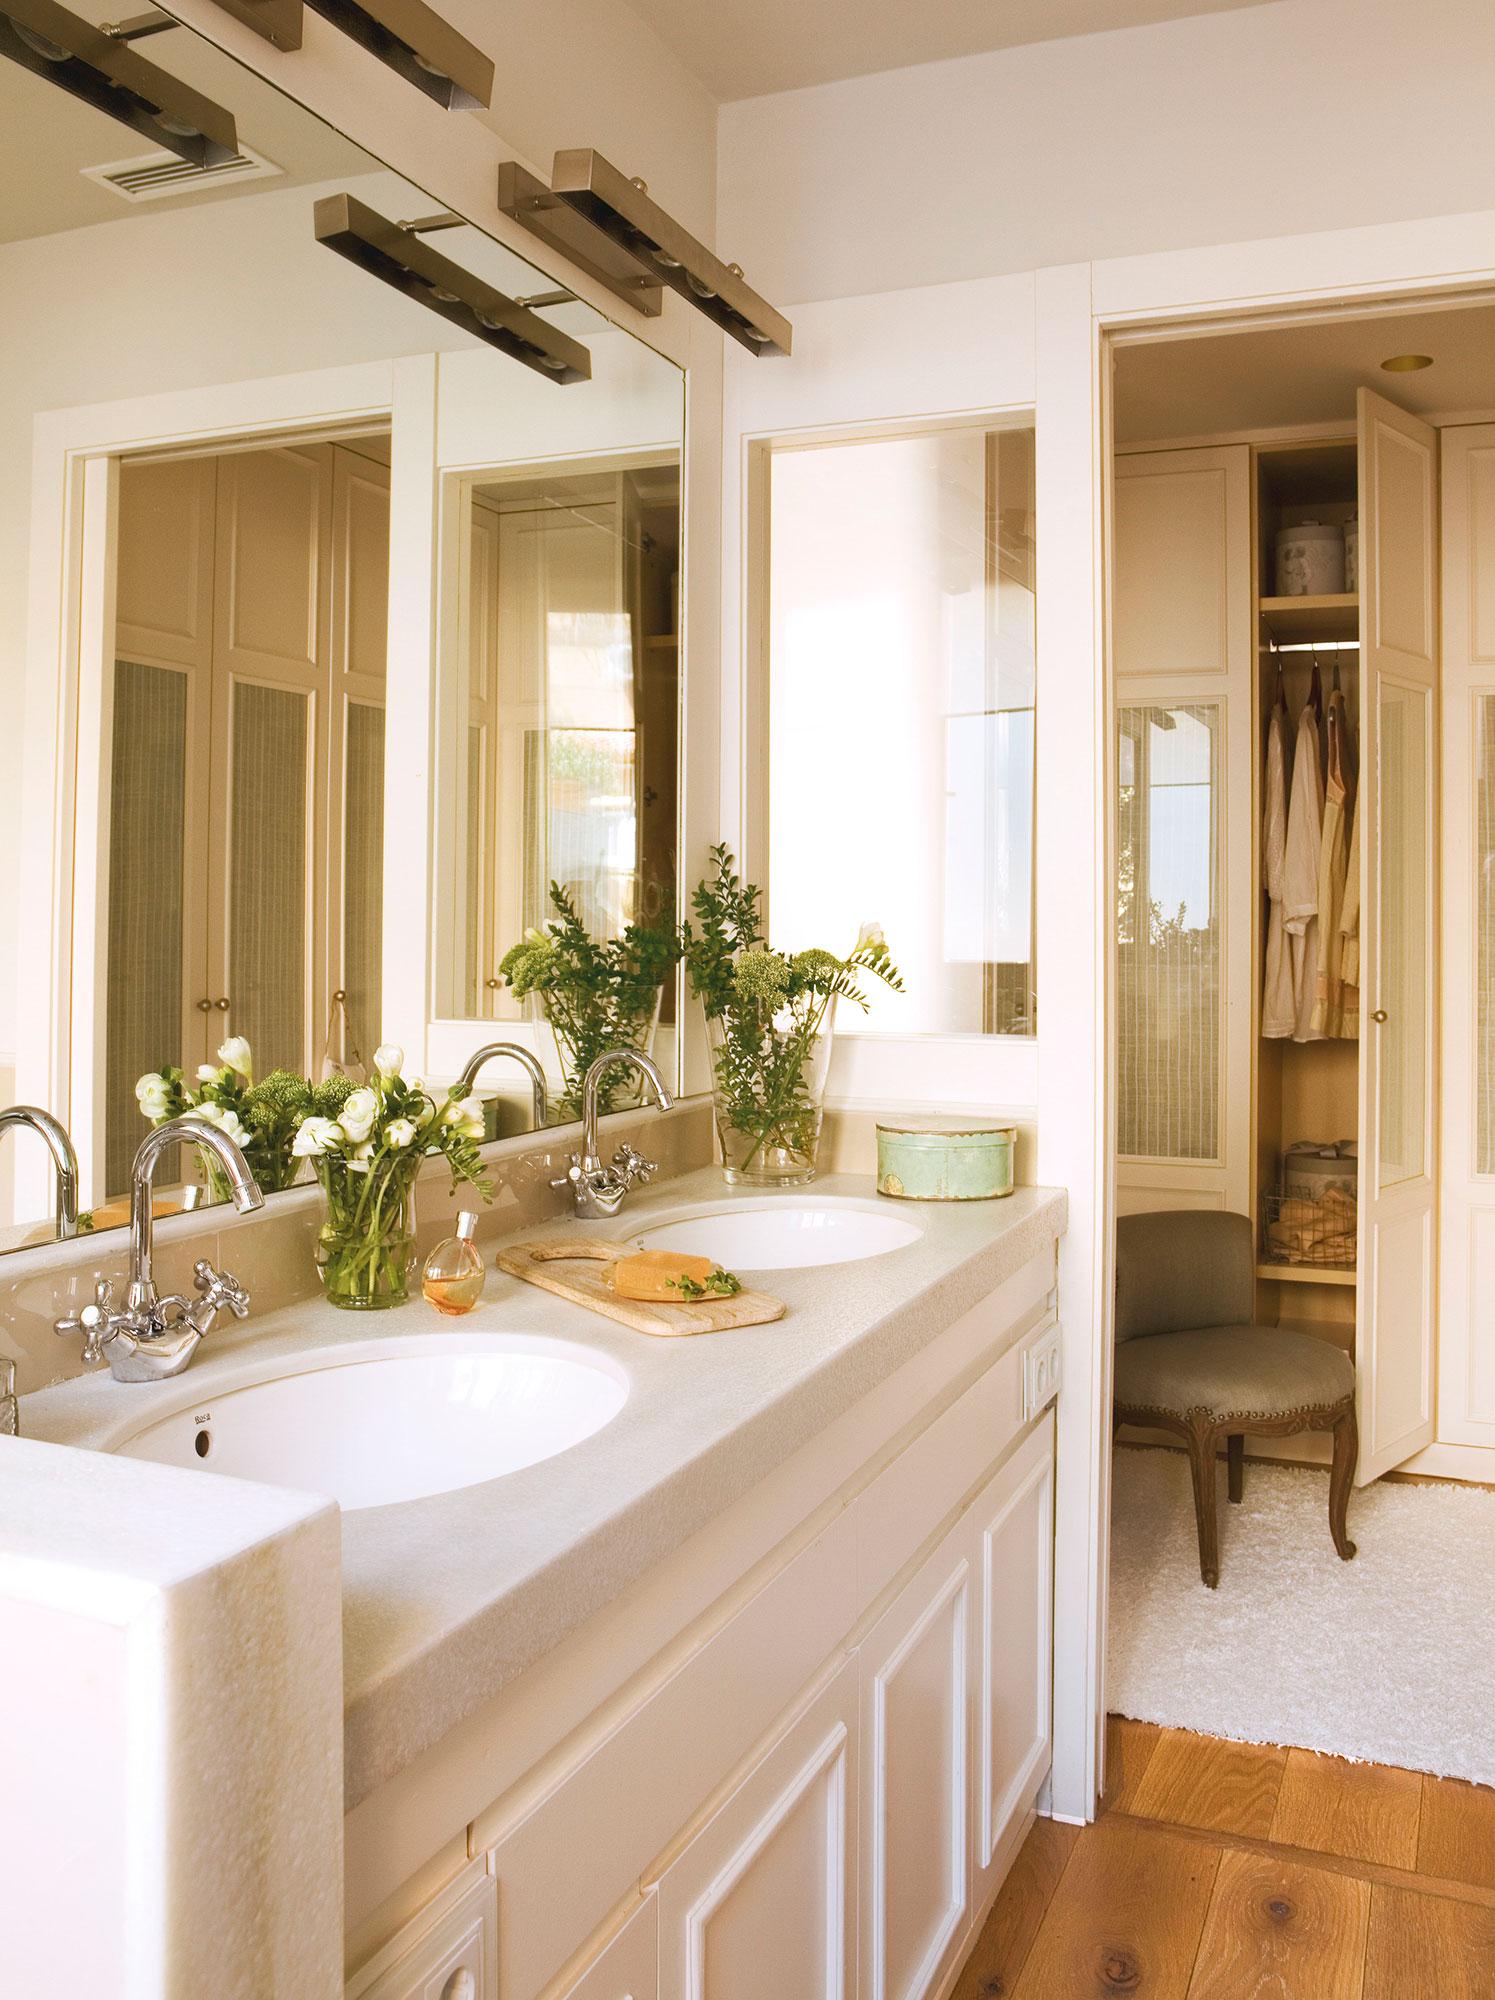 Baño Abierto Al Vestidor:Baño abierto al vestidor con mueble bajolavabo y lavamos dobles